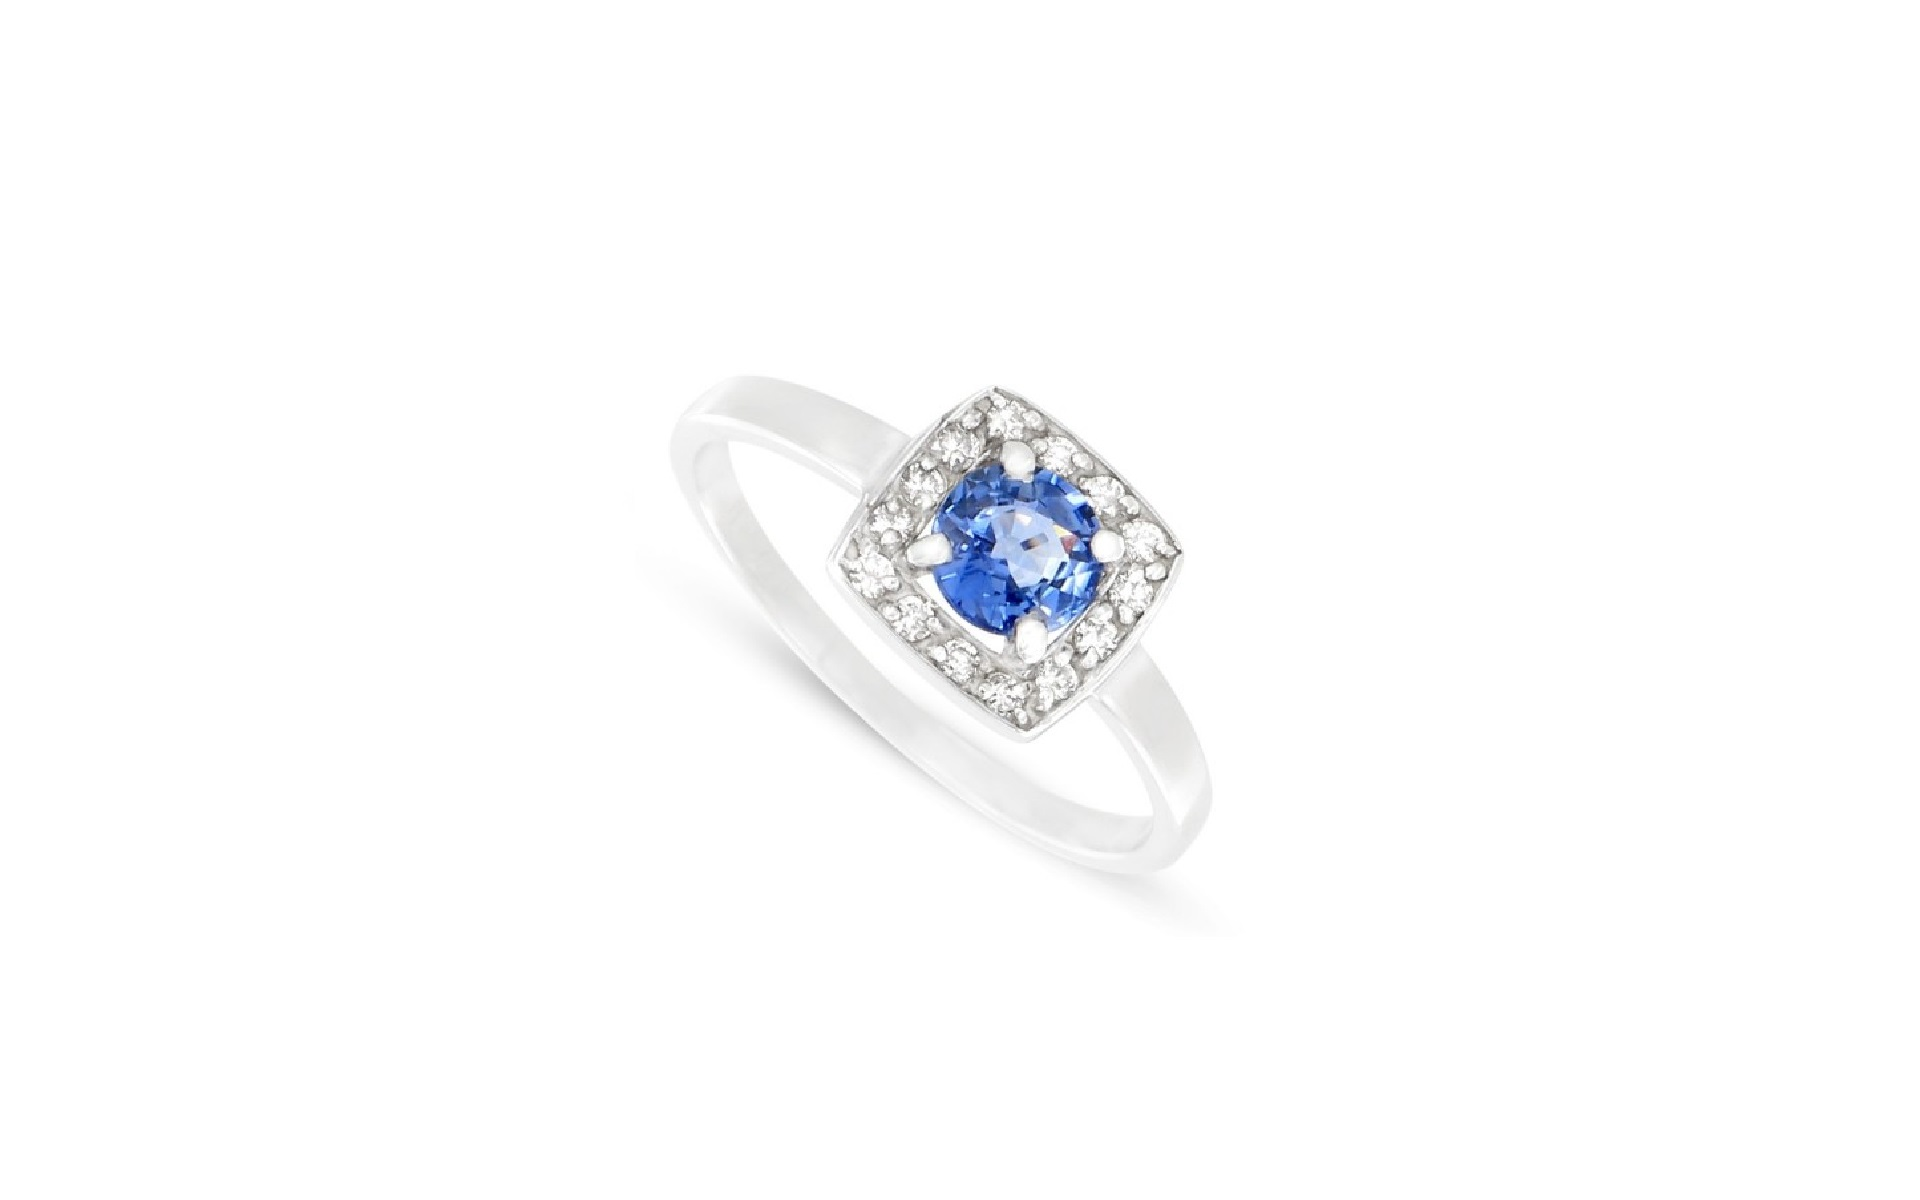 Favori Bague Saphir et diamants Or blanc 750/1000 – Malique bijoutier  WH11